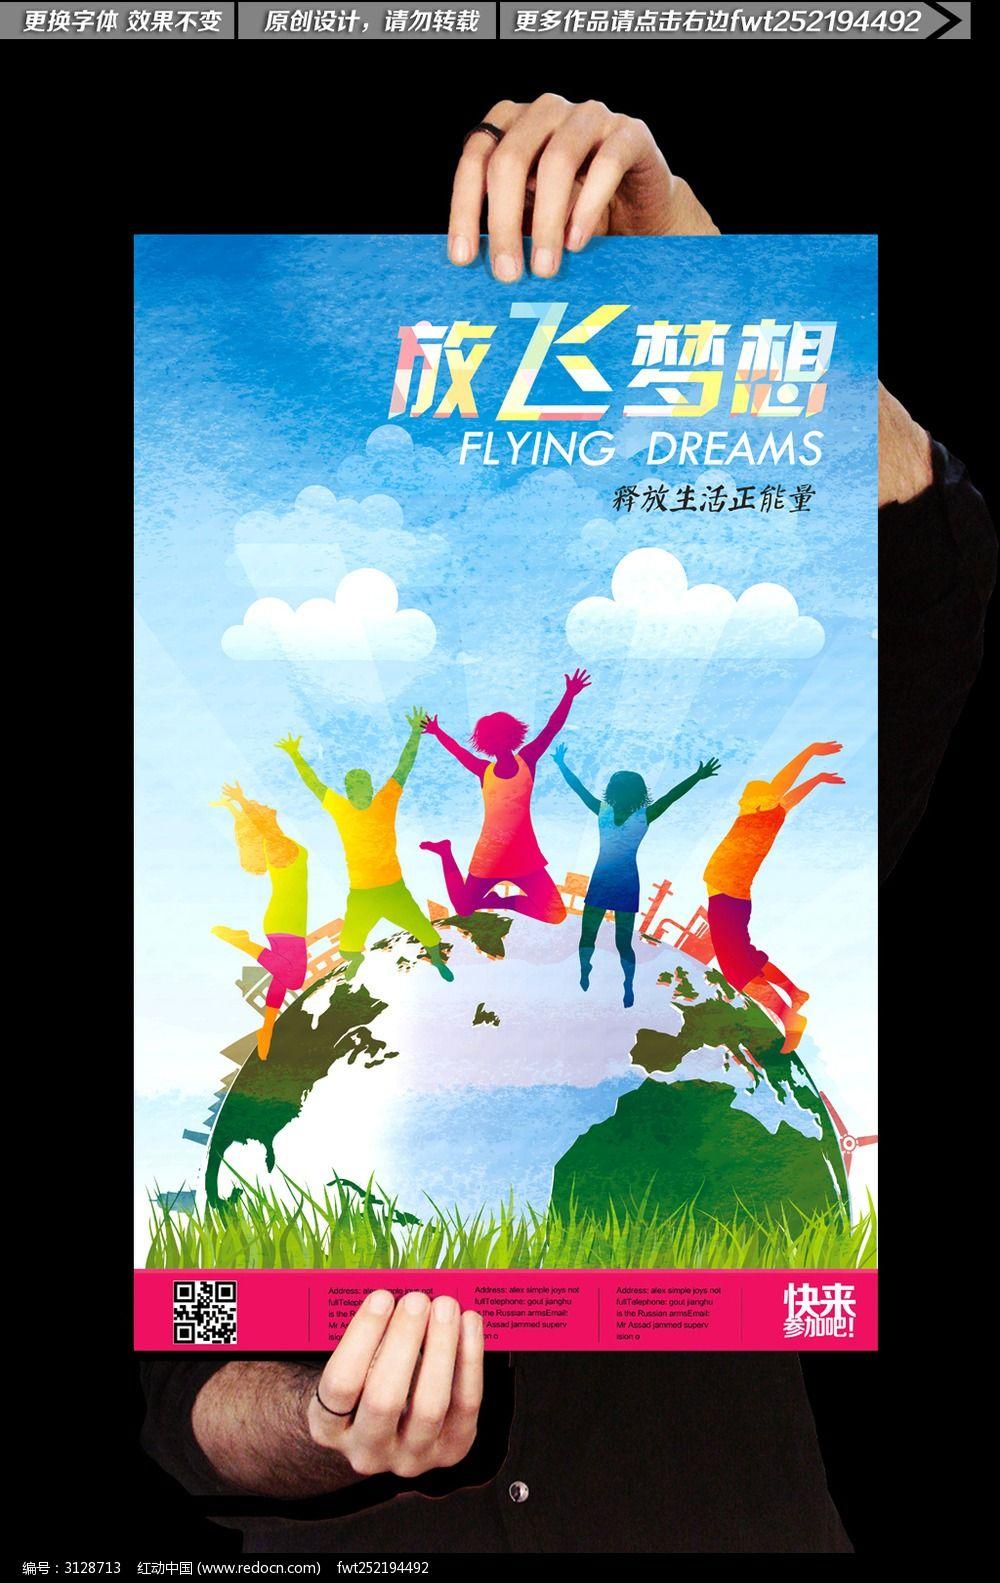 12款 时尚青春放飞梦想海报psd设计下载图片